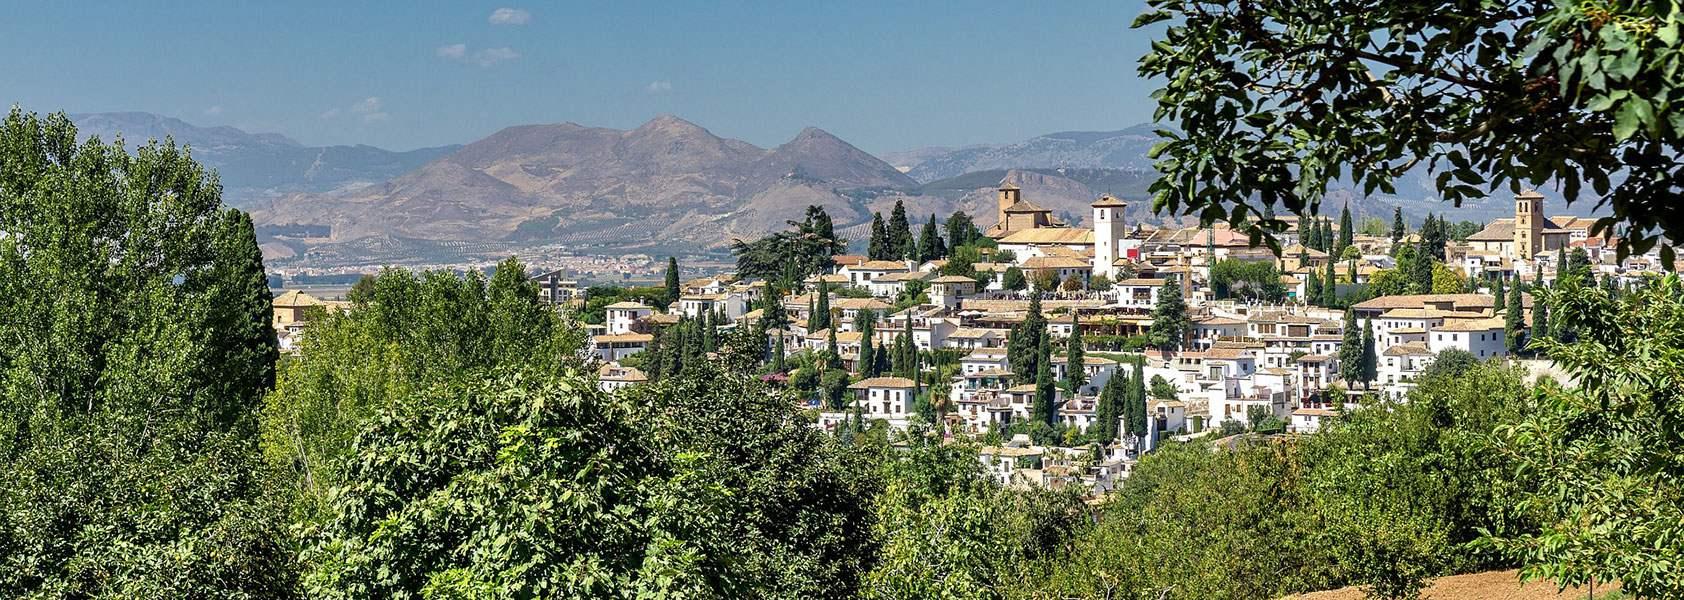 Spanje | Wandelen langs de bergen van Andalusië